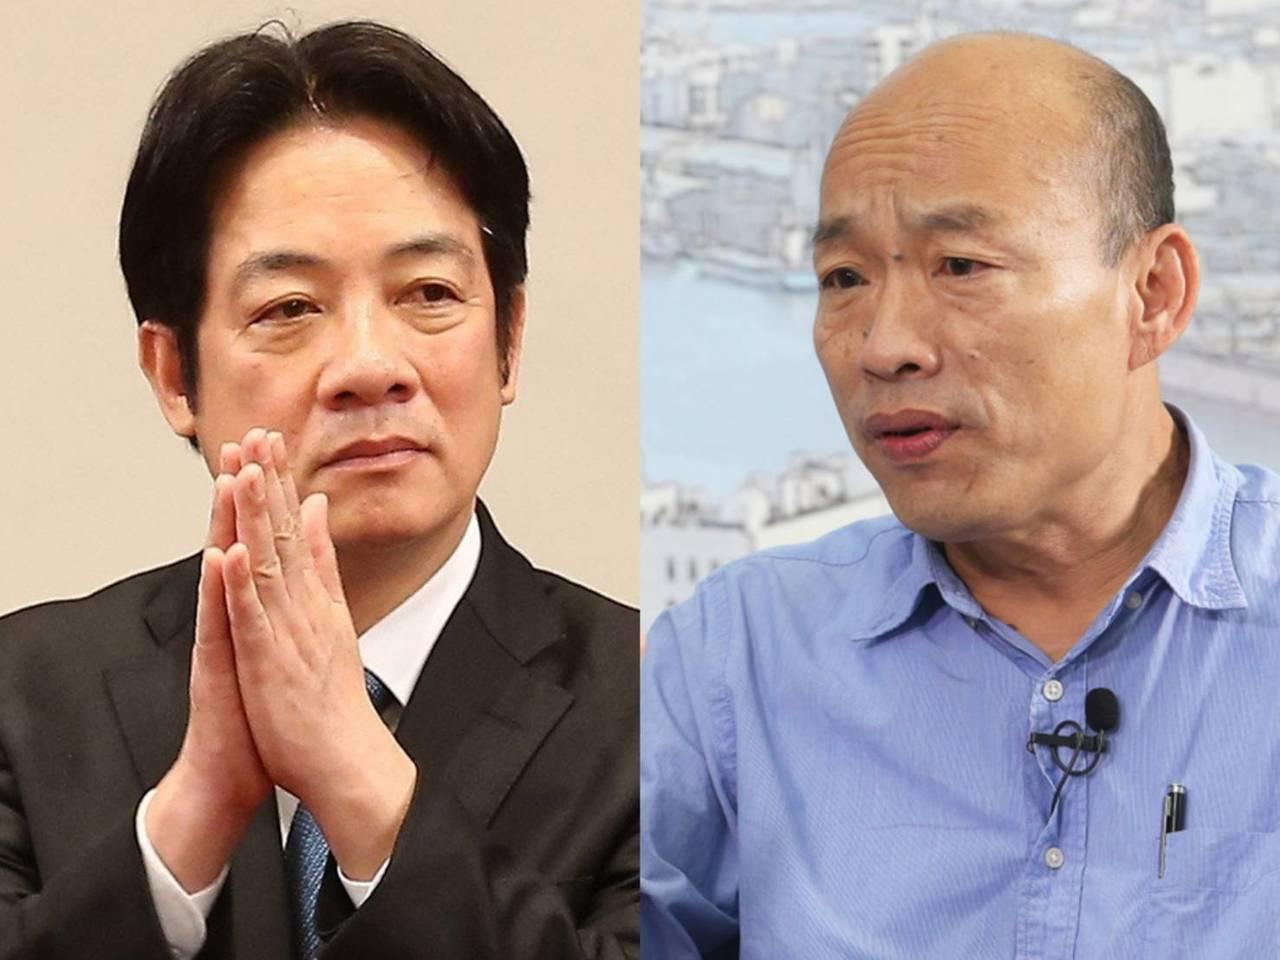 行政院前院長賴清德與高雄市長韓國瑜。本報資料照合成